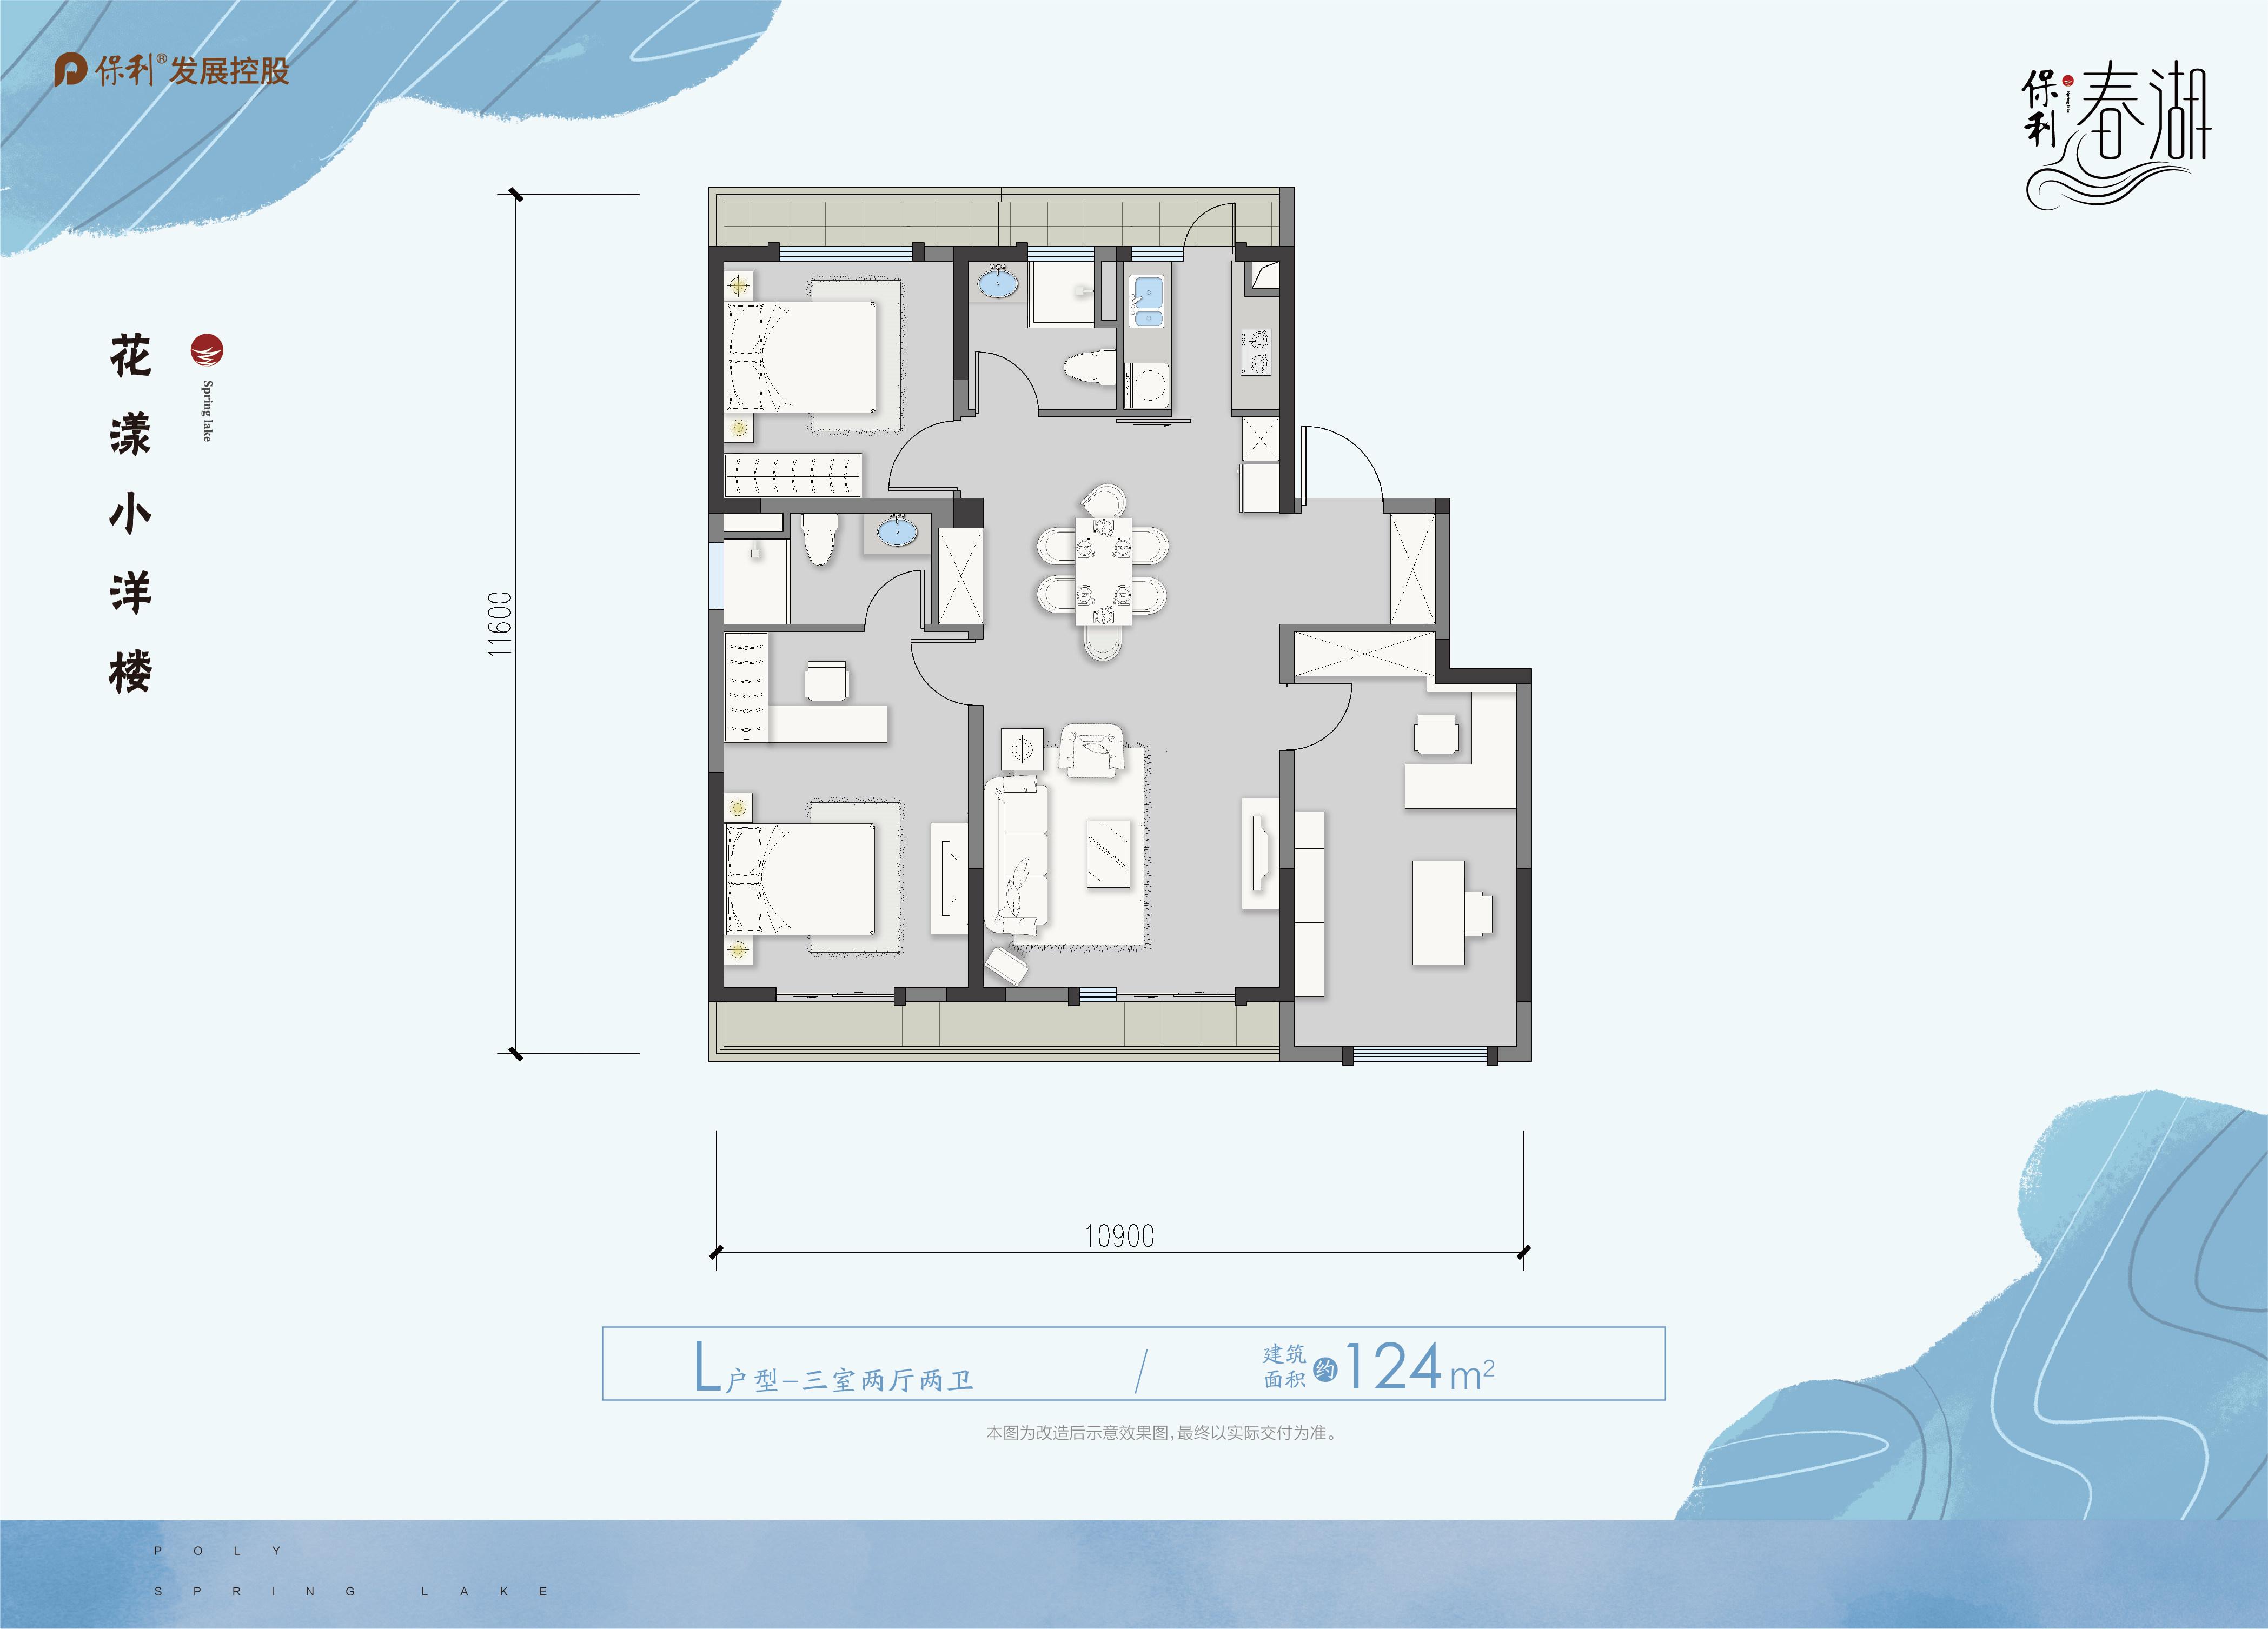 3室2厅2卫-花漾小洋楼L户型,建面124㎡